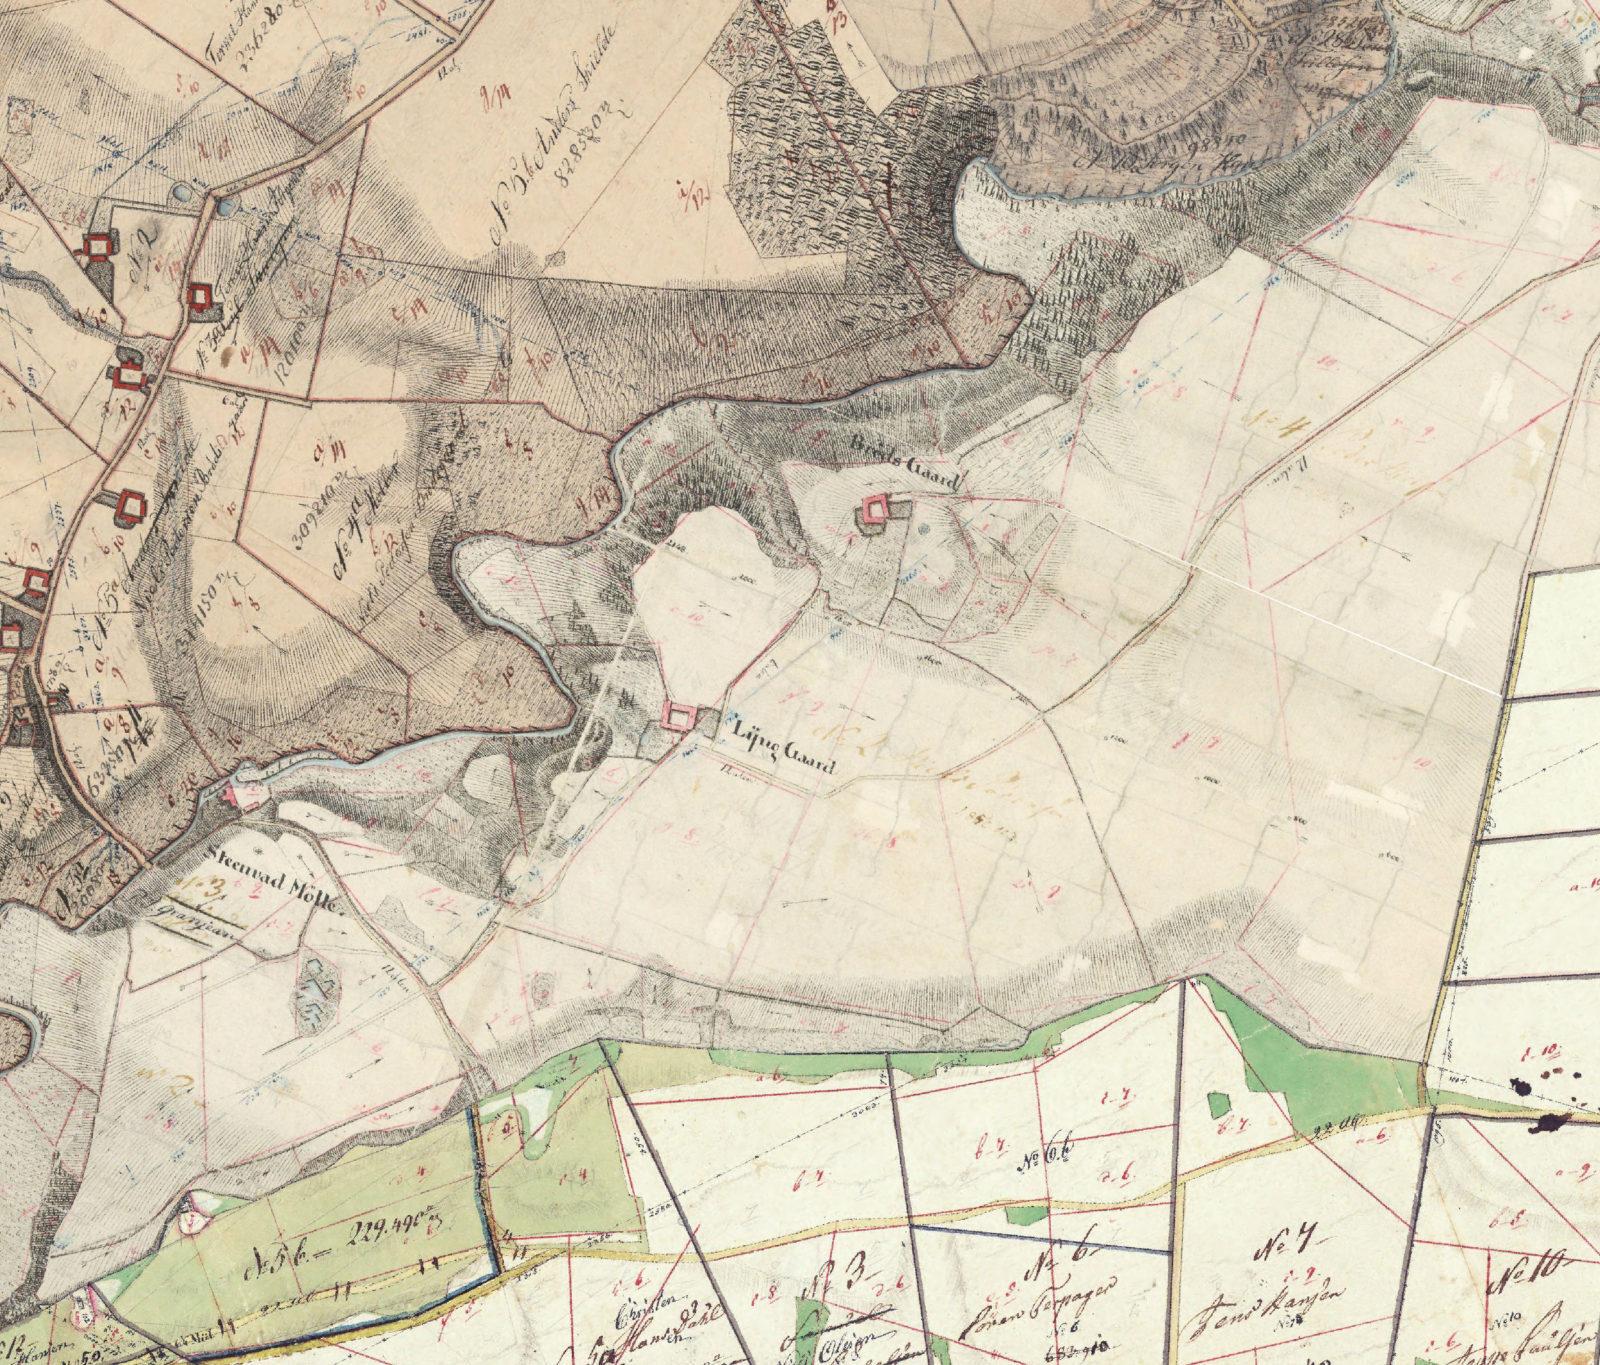 Landbomuseet Kolding historisk kort MOOS LANDSKABER_år 1821